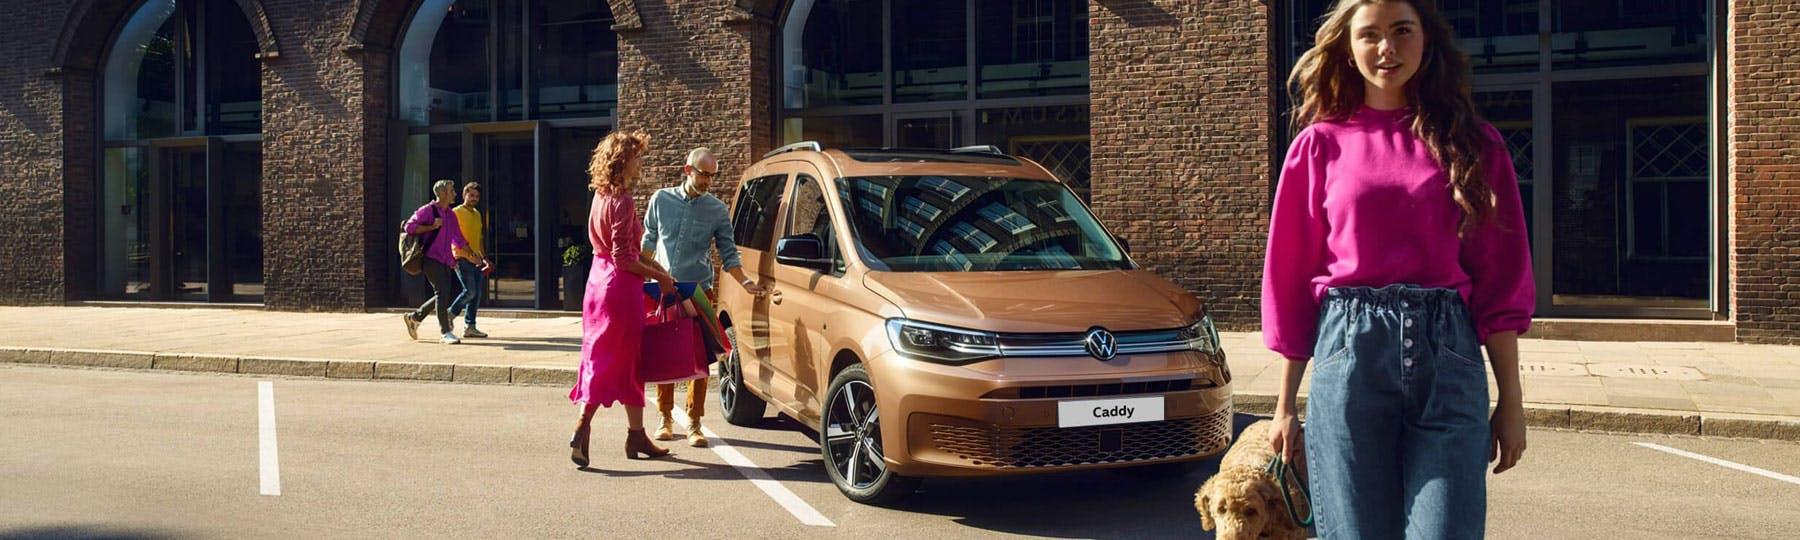 The New Volkswagen Caddy